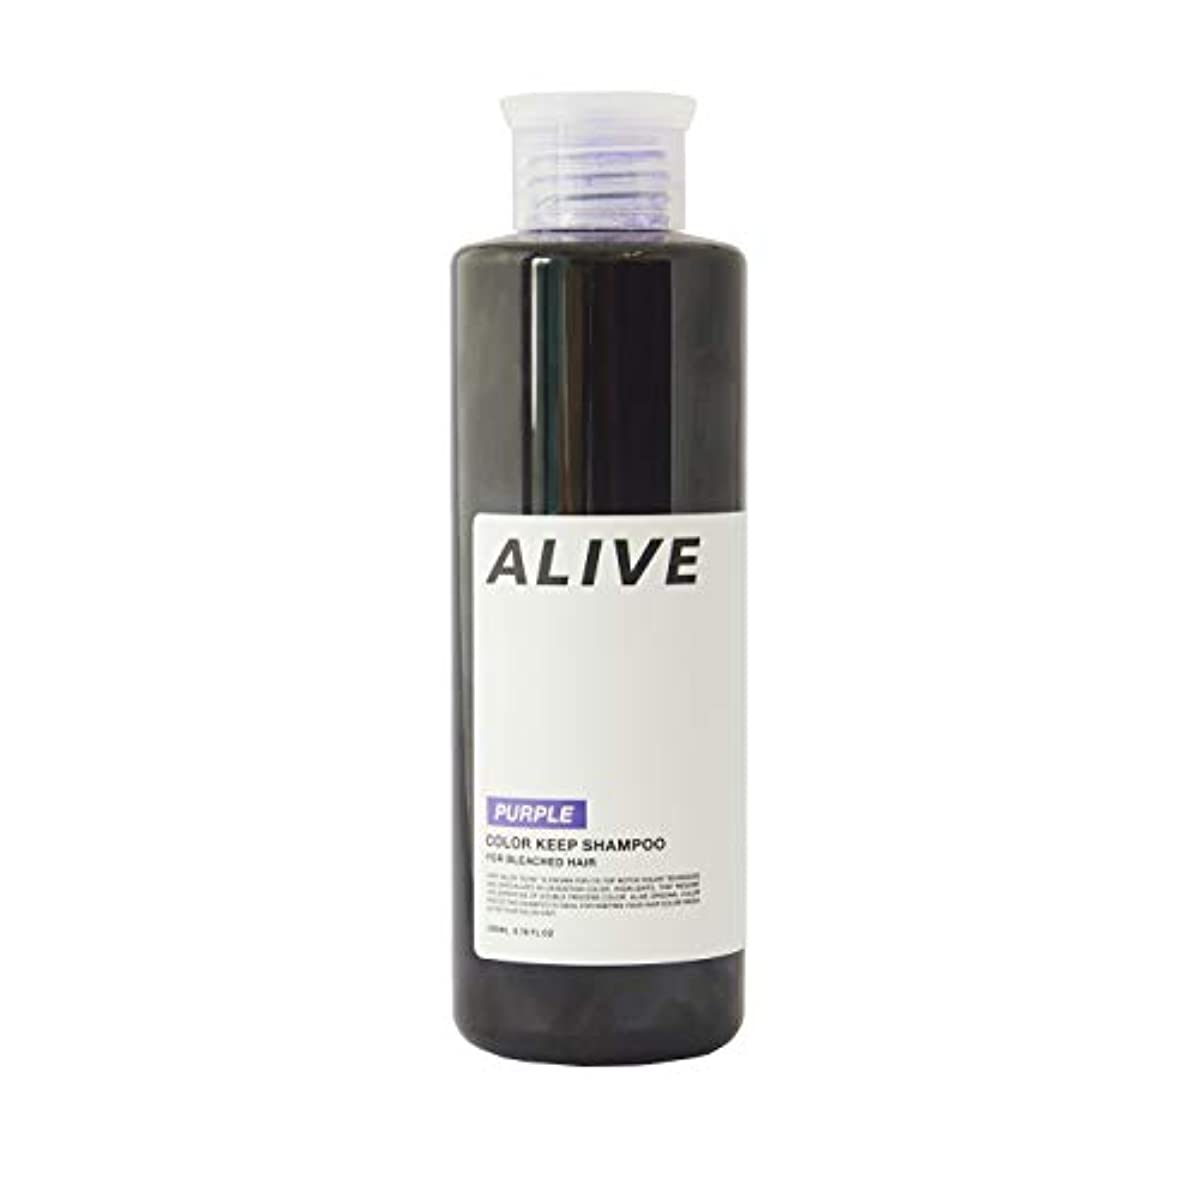 ALIVE アライブ カラーシャンプー 極濃 紫シャンプー 200ml ムラサキ パープル ムラシャン ムラサキシャンプー